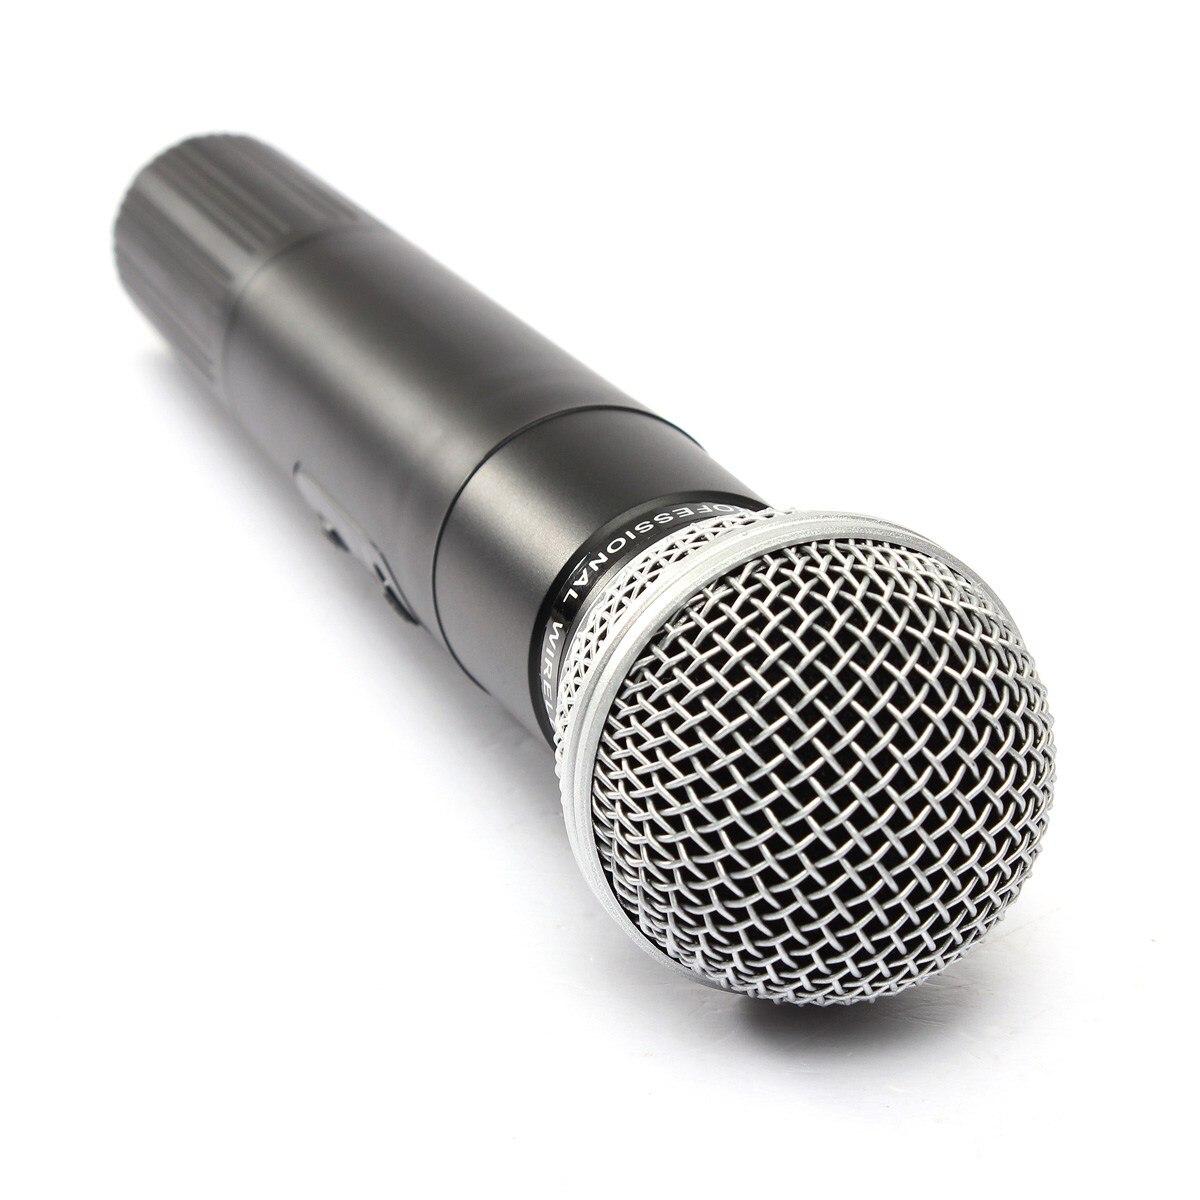 LEORY système de Microphone sans fil karaoké professionnel avec connecteur et récepteur Microphone à condensateur double micro pour le chant KTV - 3